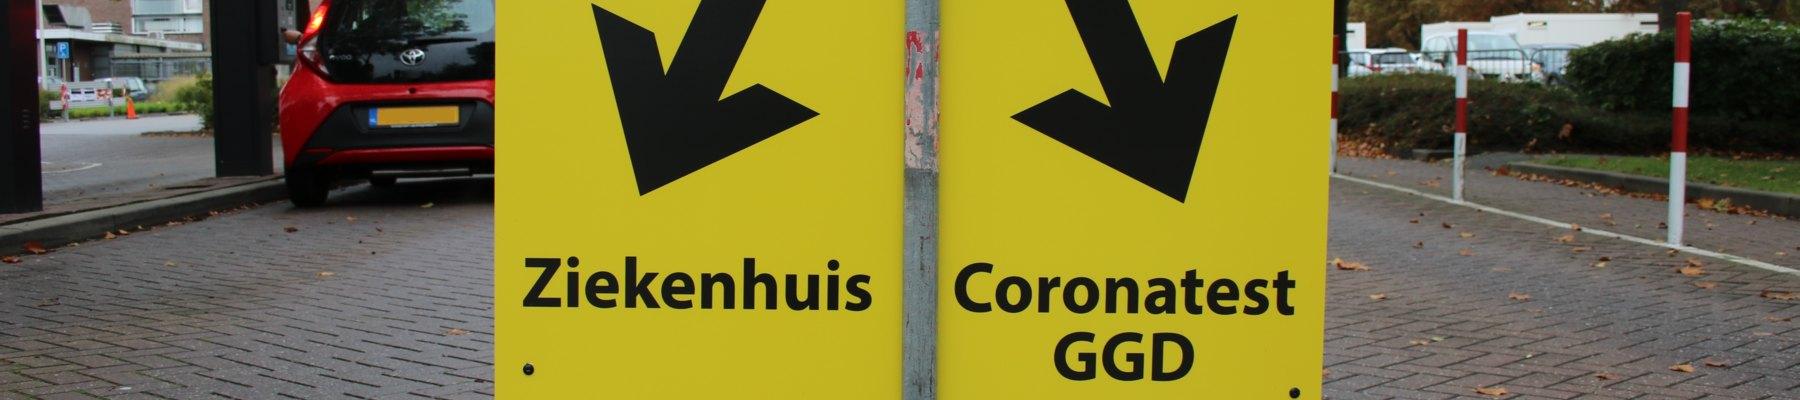 GGD opent teststraat op parkeerterrein ziekenhuis